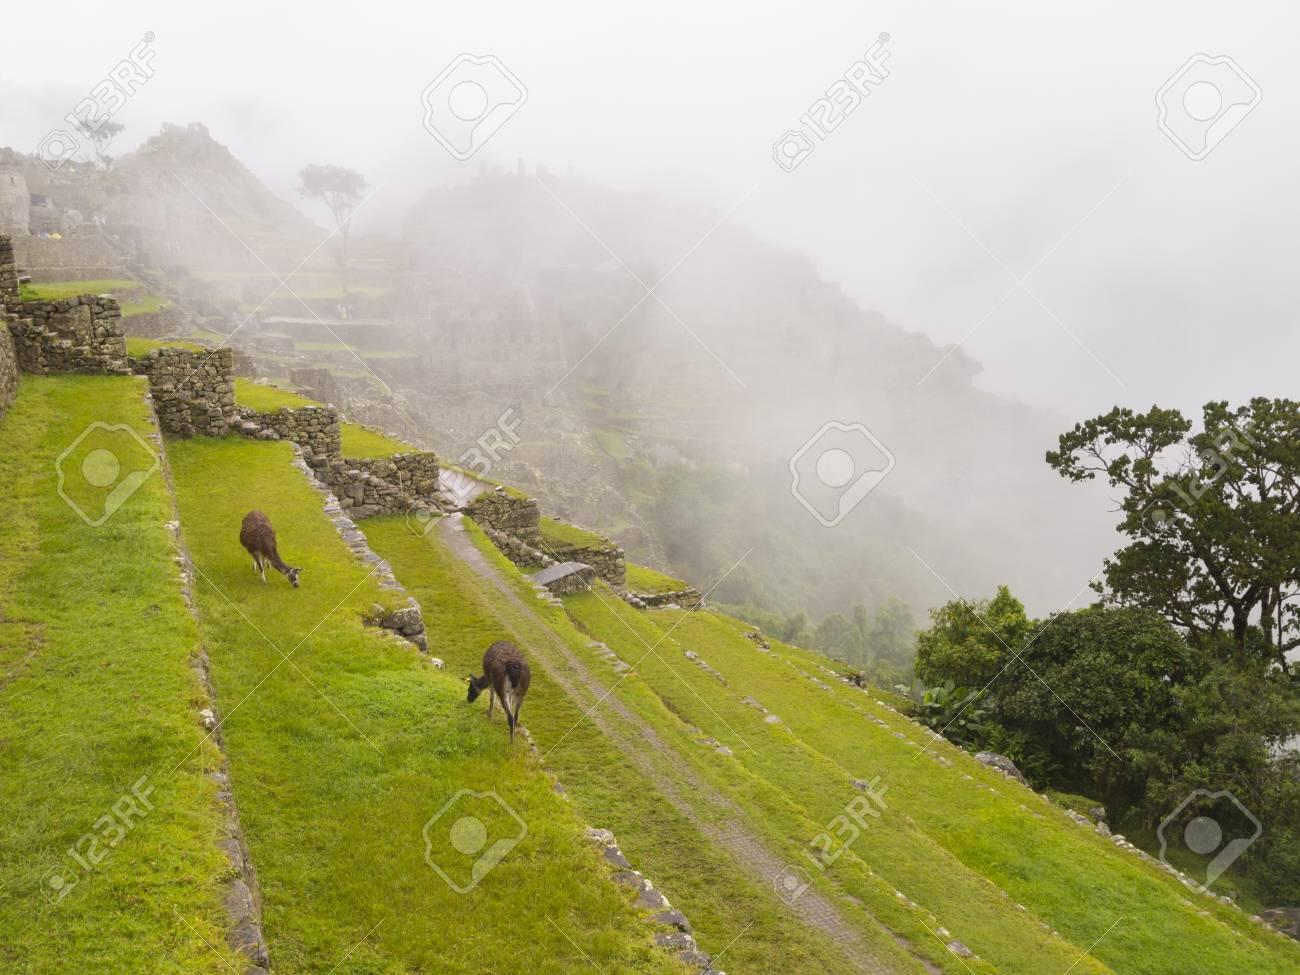 Los Cultivos En Terrazas En El Sector Agrícola Superior Del Machu Picchu Machu Picchu Distrito Provincia De Urubamba Cusco Perú